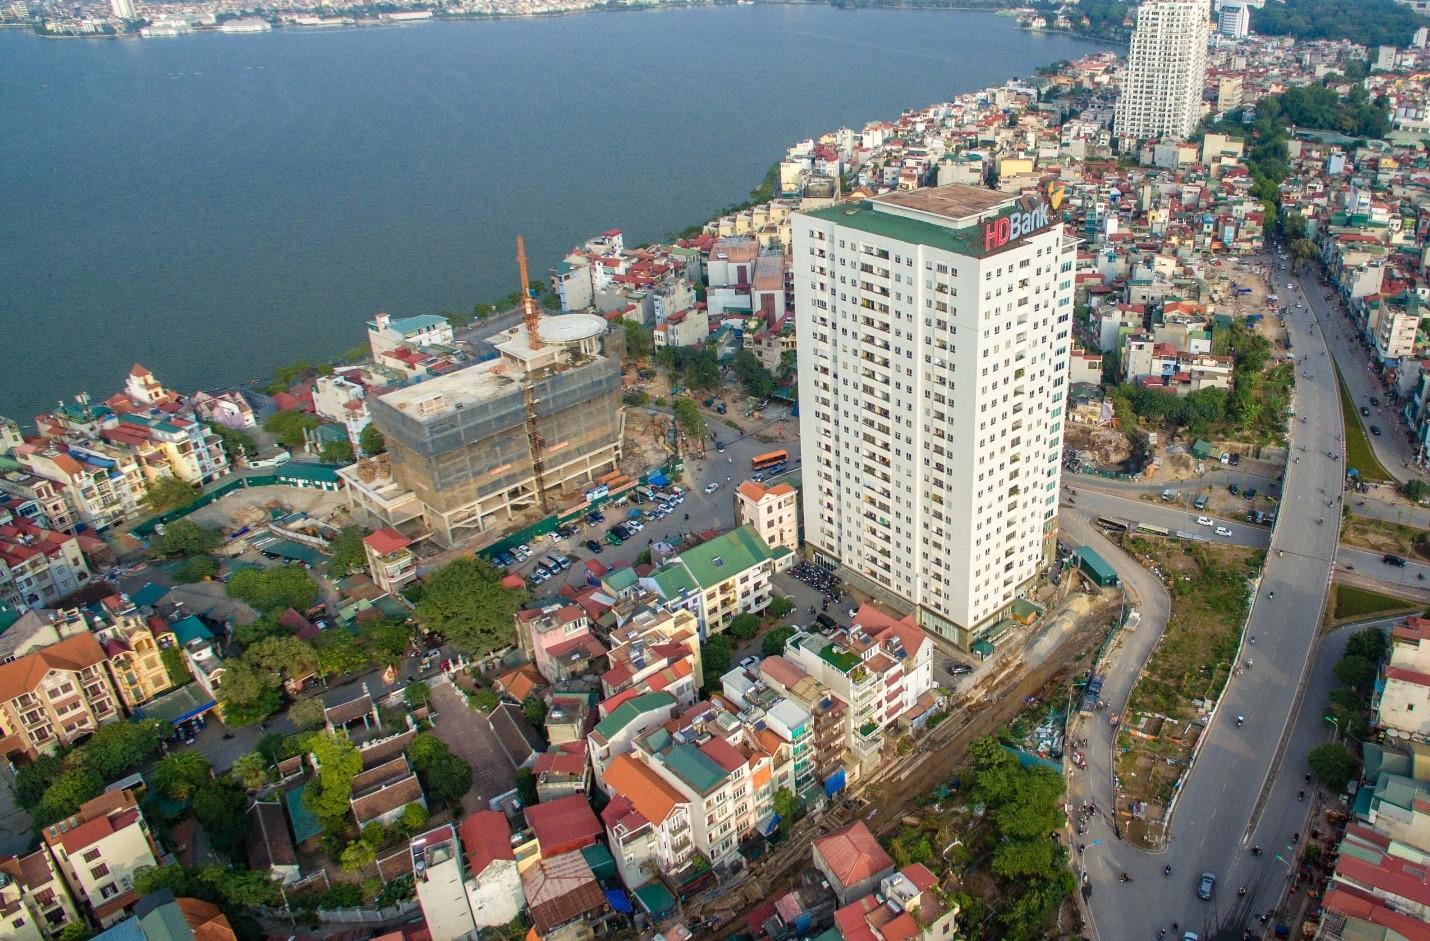 Ba khu đất dính quy hoạch tại phường Thụy Khuê, quận Tây Hồ, Hà Nội - Ảnh 2.